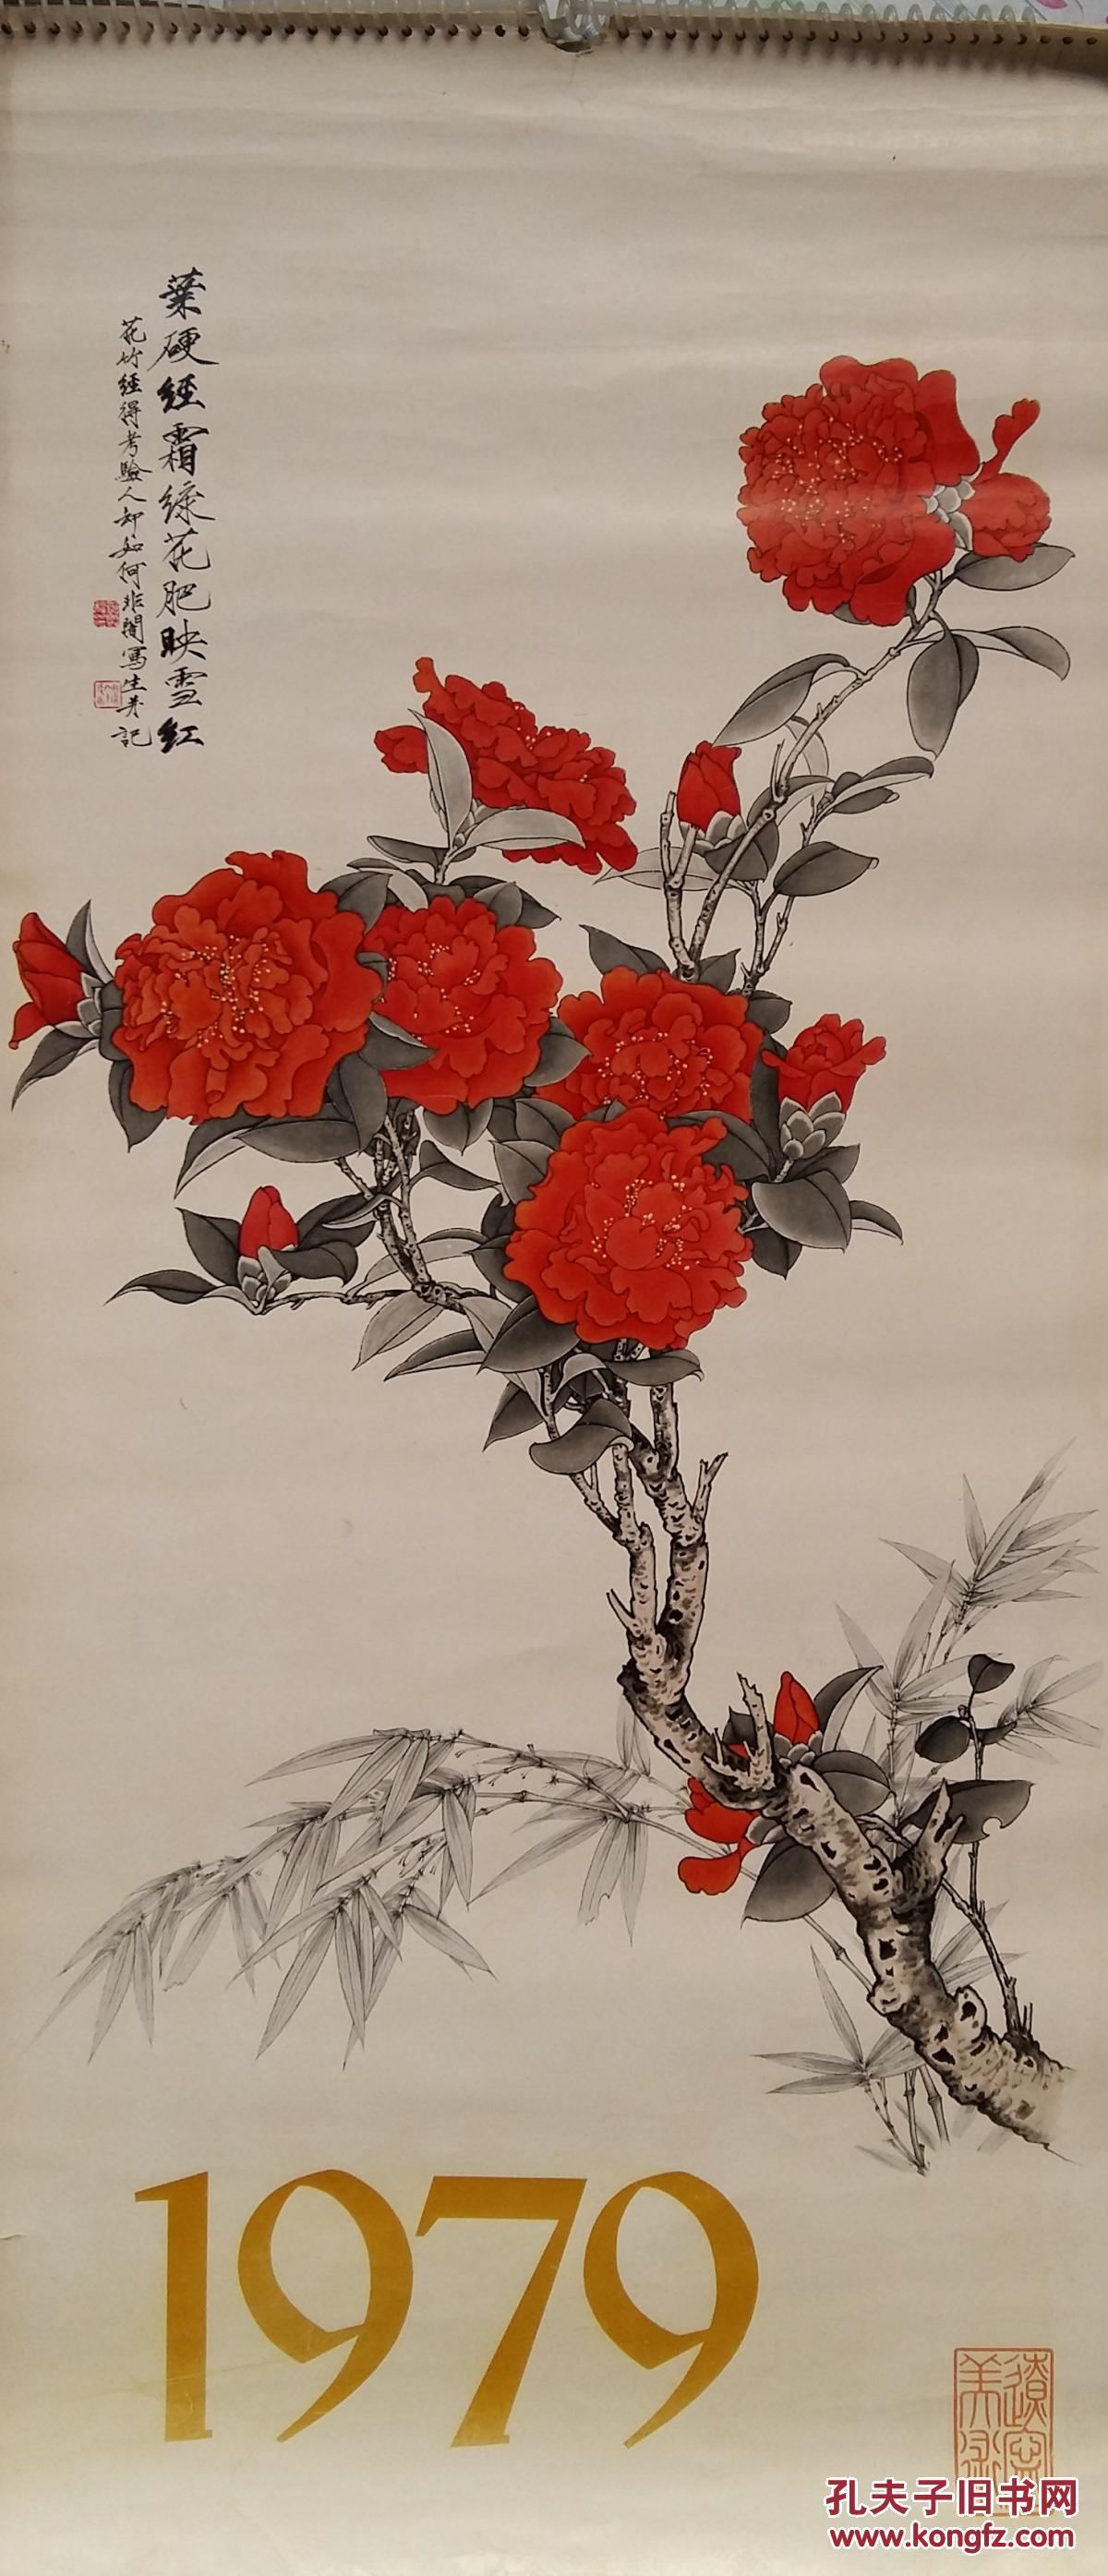 `hg挂历 1979年鲁美及辽宁美术藏画 王雪涛 黄胄 程十发图片